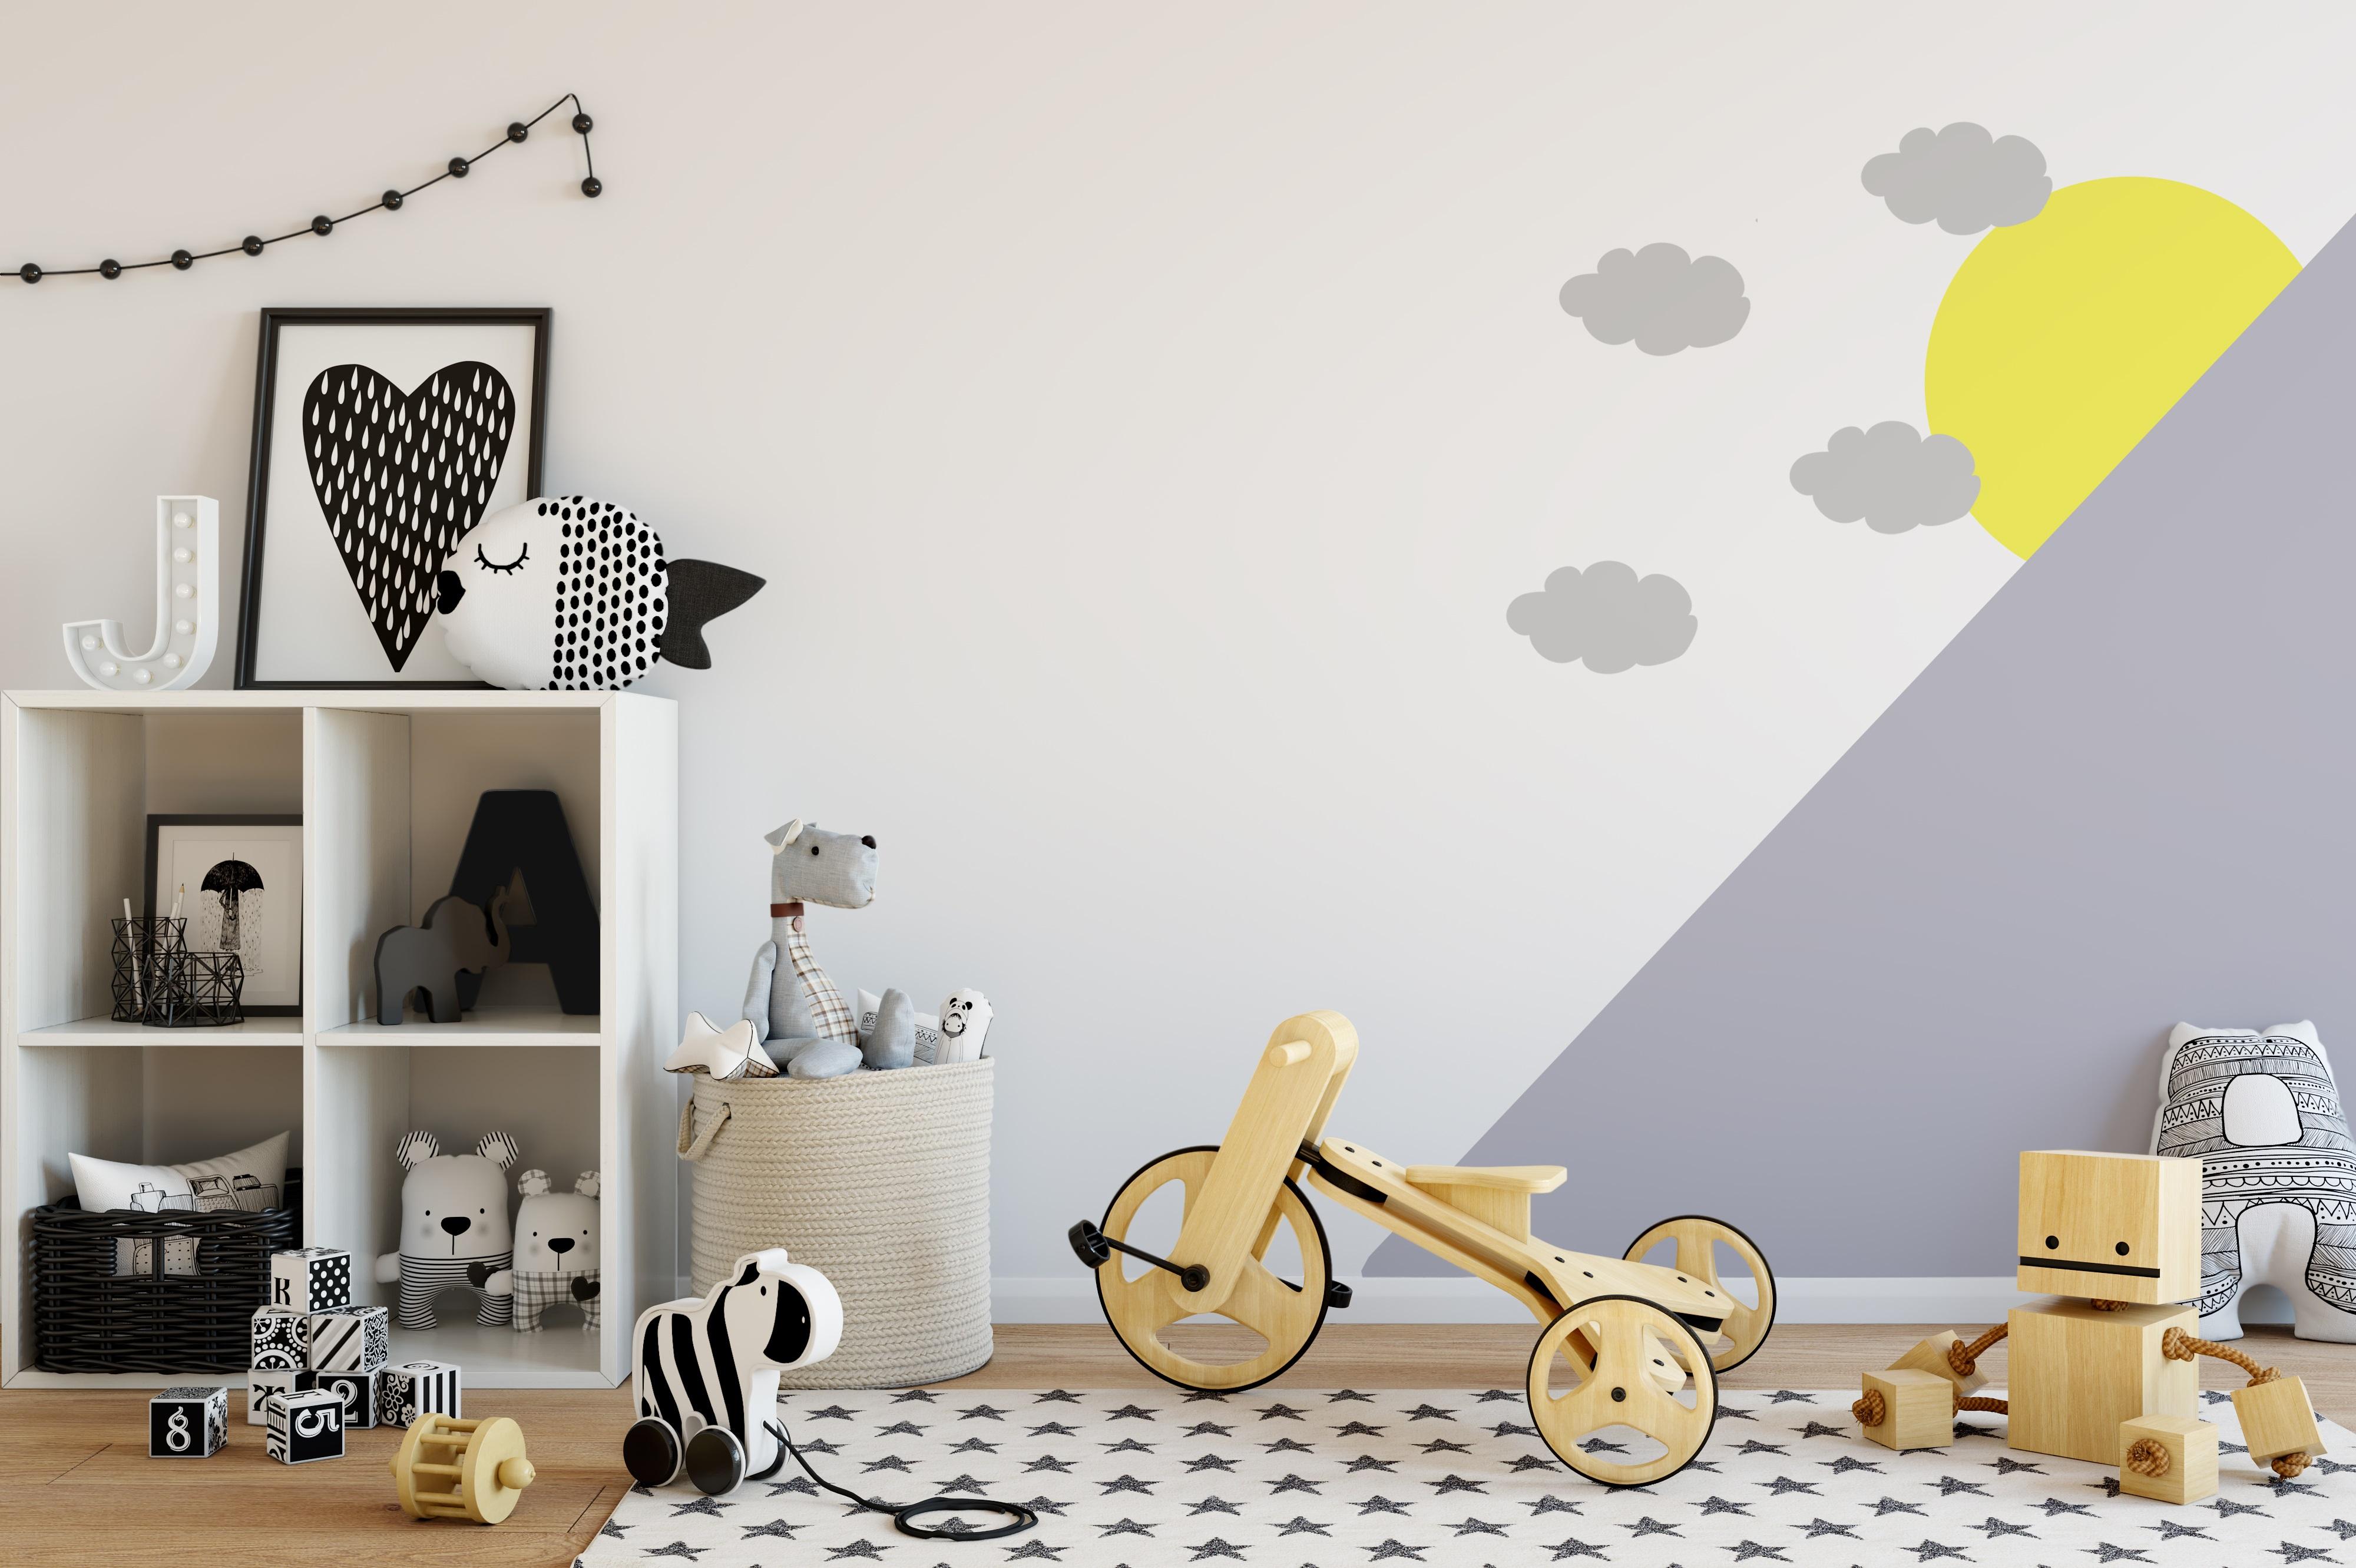 דוגמה לעיצוב חדר ילדיכם – רב בריח